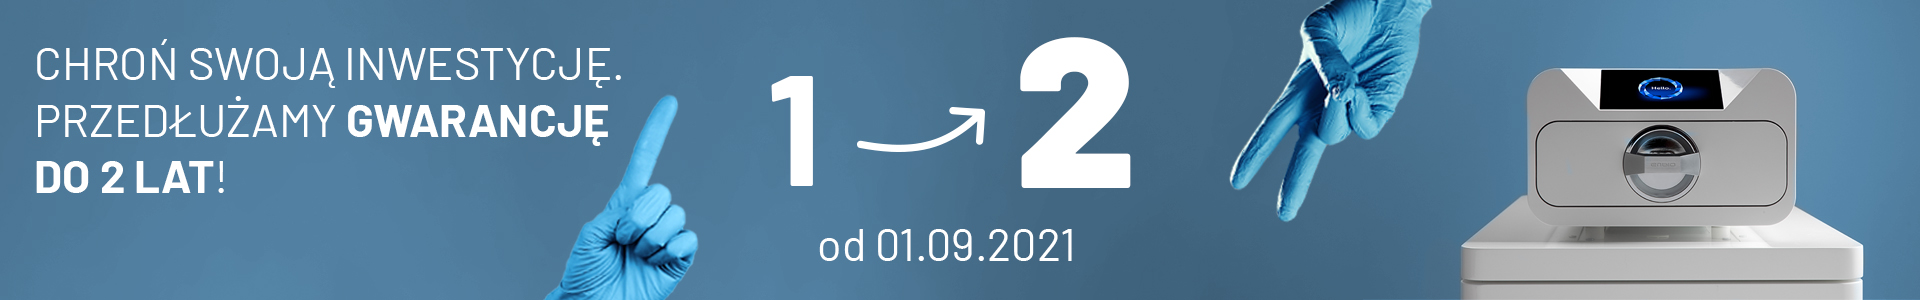 autoklaw Enbio S 24 miesiące gwarancji